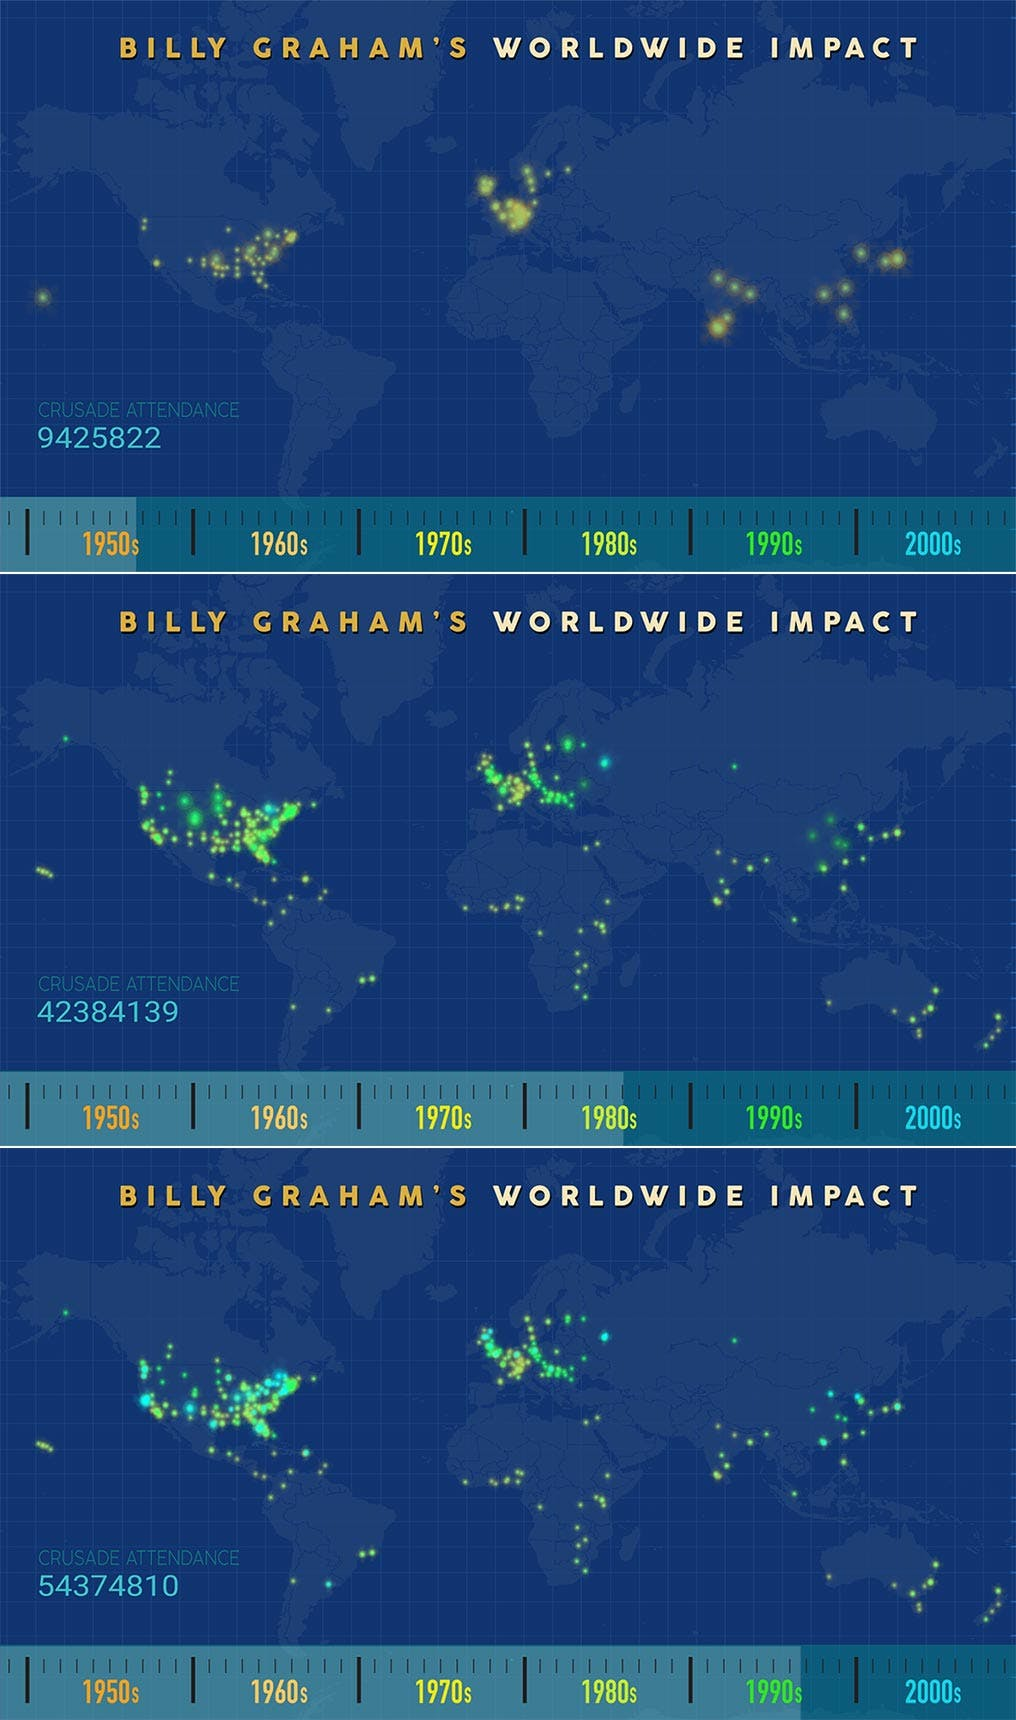 Billy Graham's Worldwide Impact